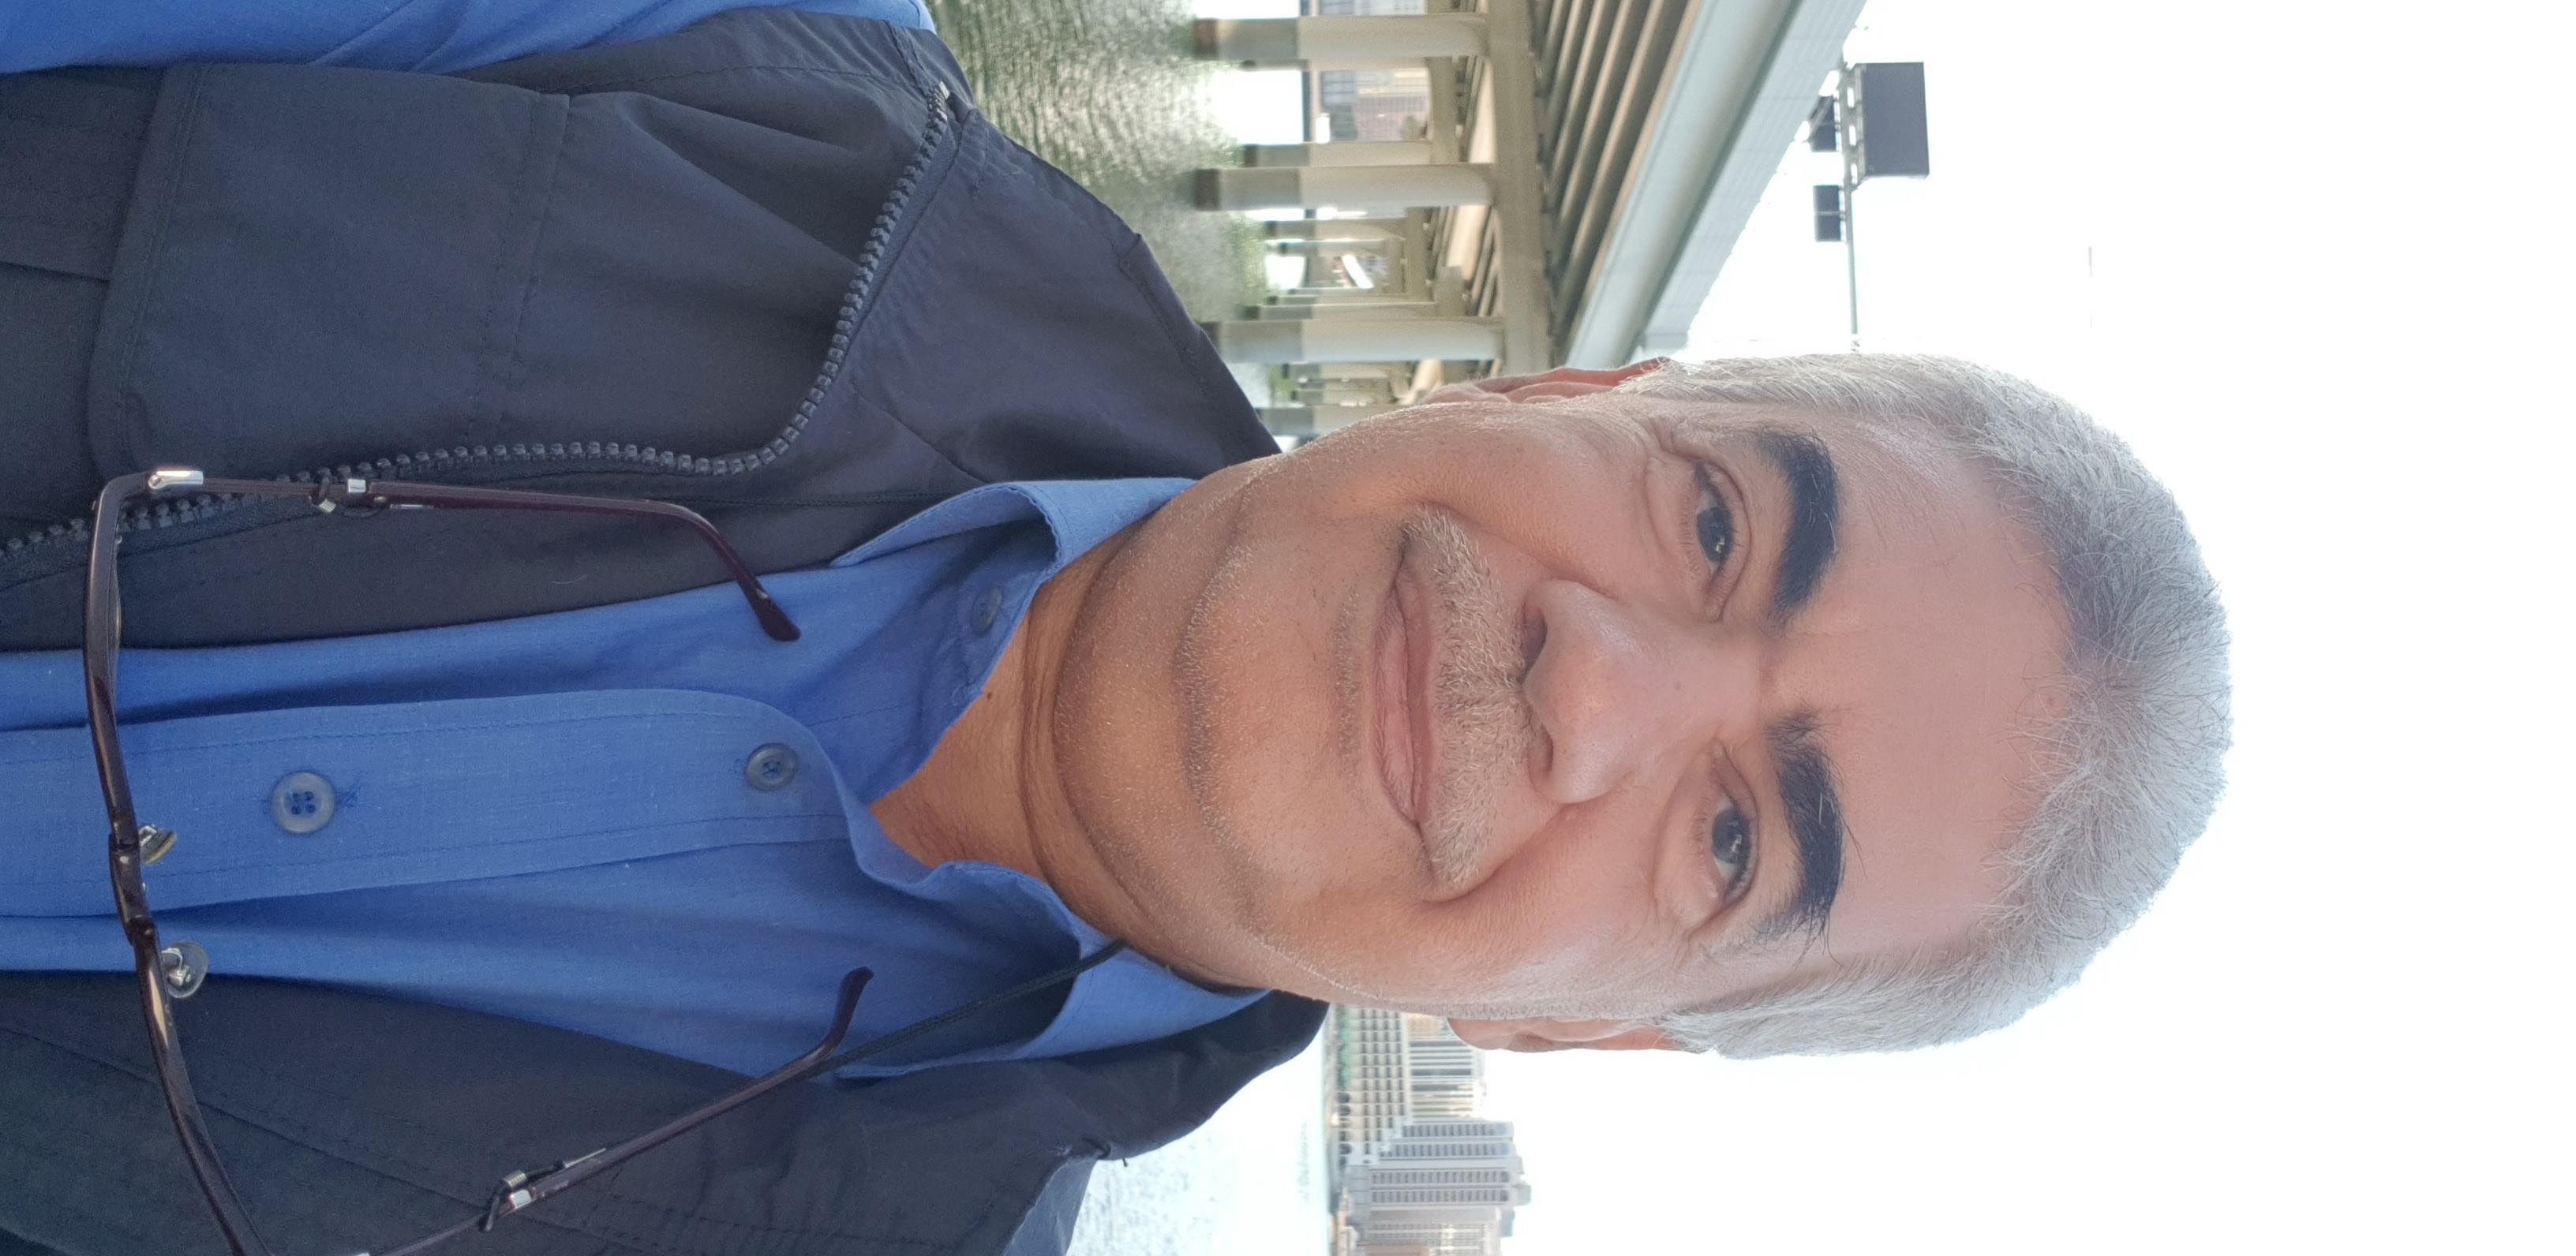 شعراوي عفيفي Profile Picture